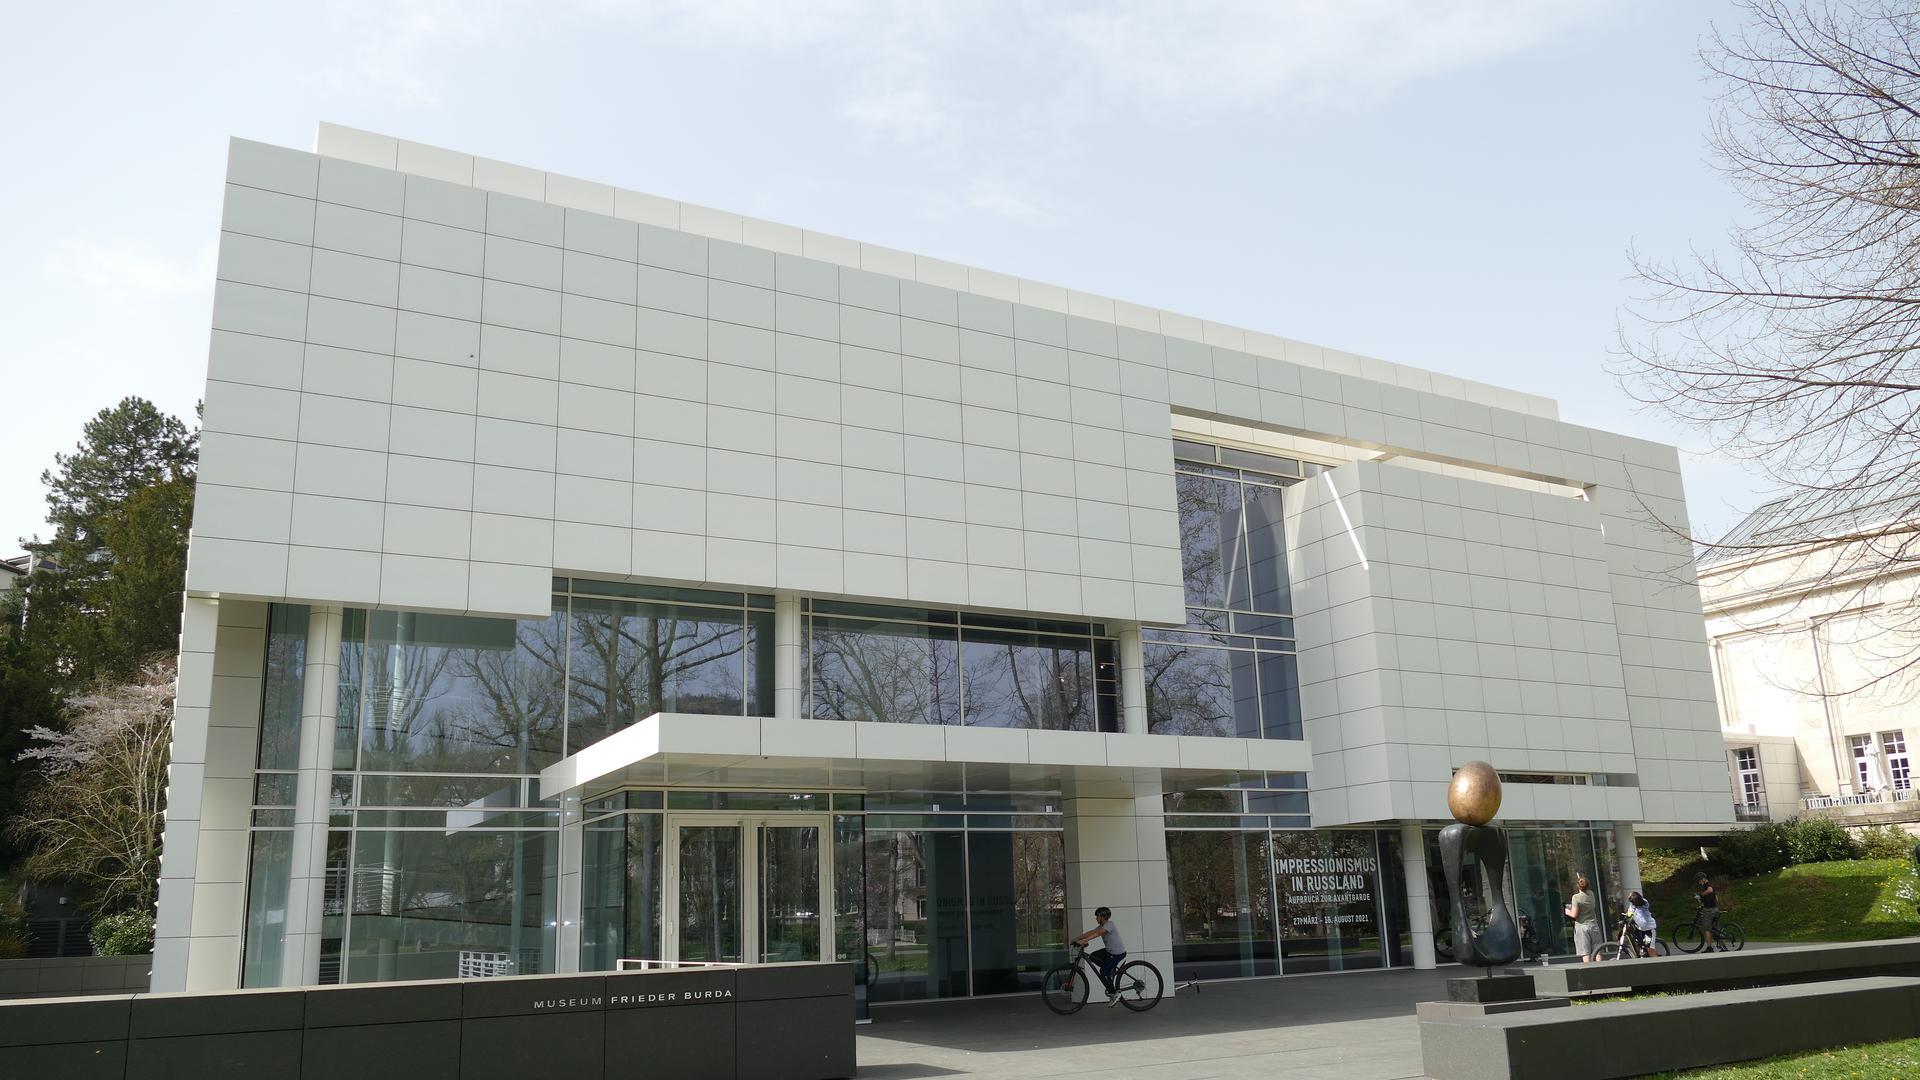 Das Kunstmuseum Frieder Burda zeigt bis zum Sommer zwei sehr unterschiedlichen Ausstellungen.